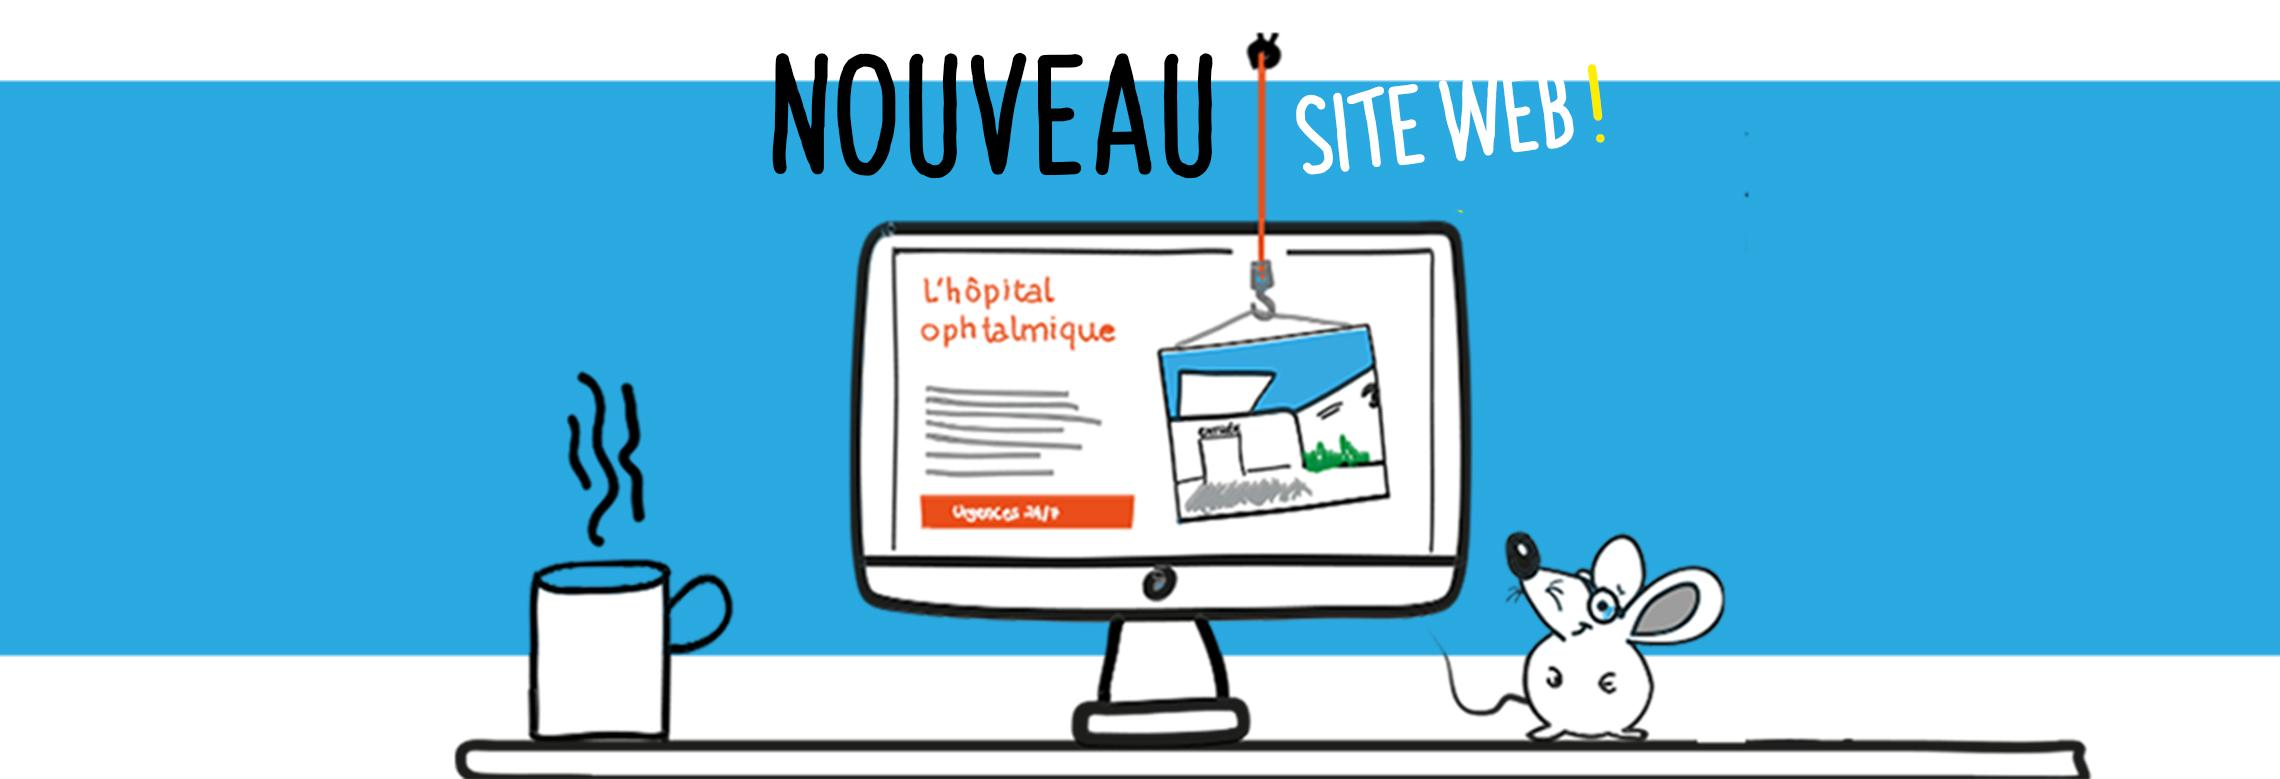 Image de l'affiche de promotion de notre site